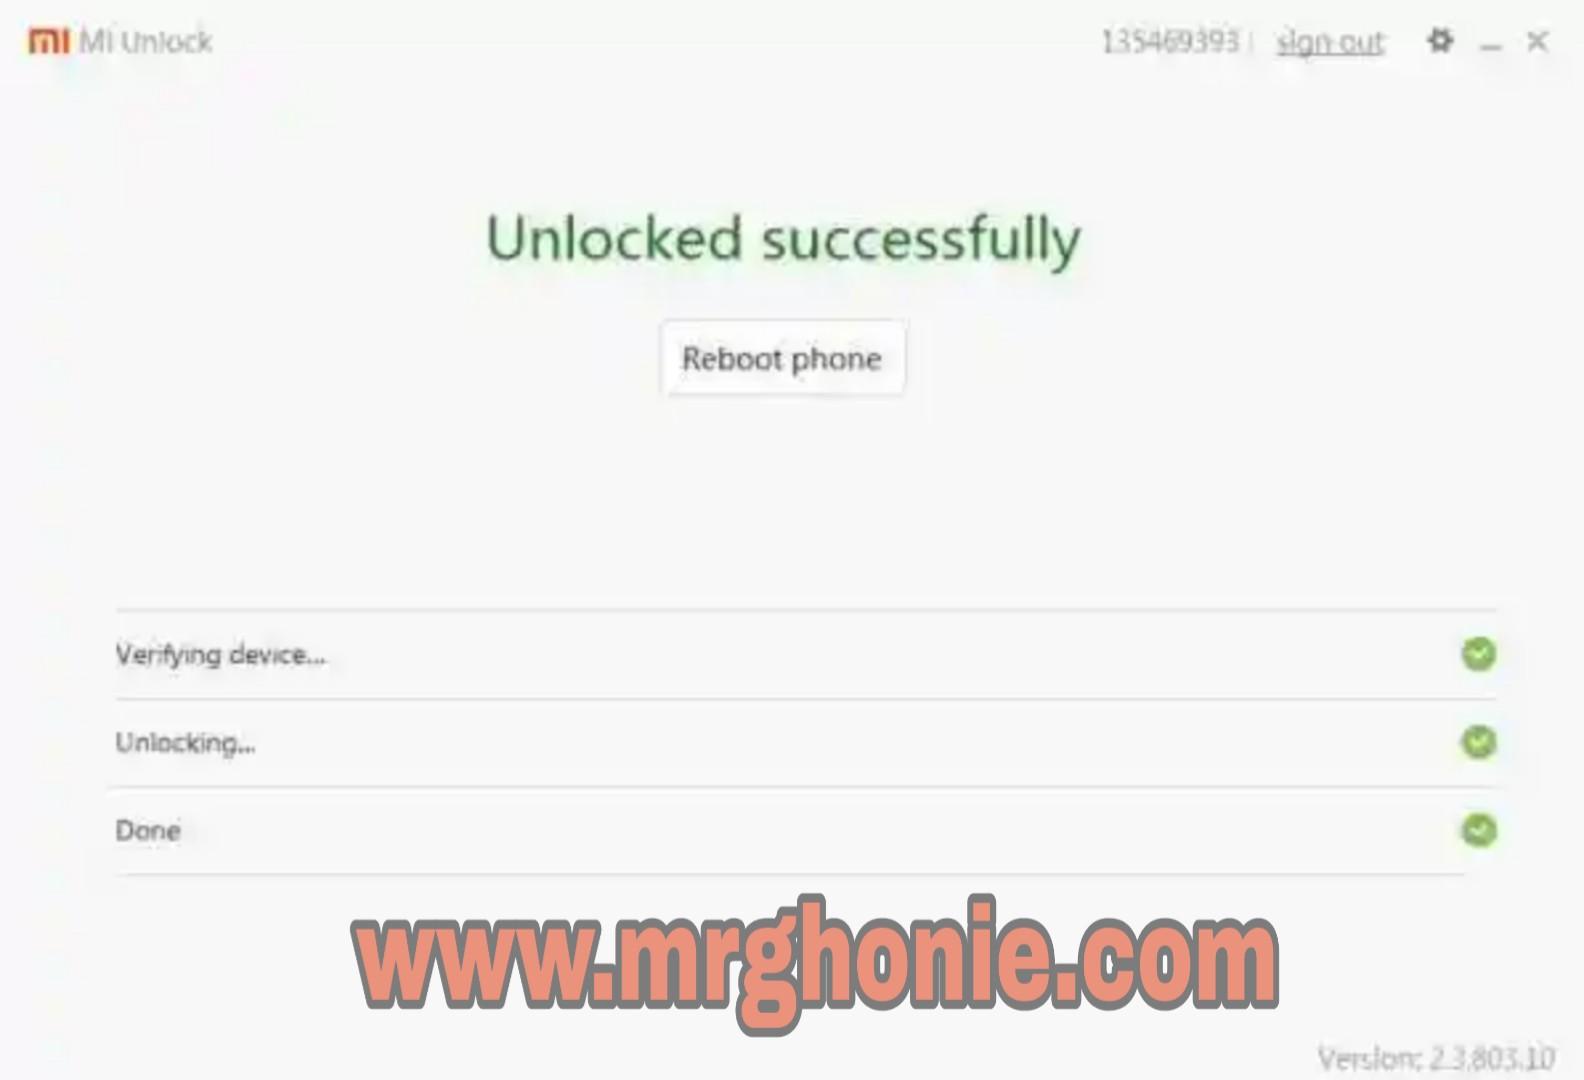 mrghonie.com-ubl-xiaomi